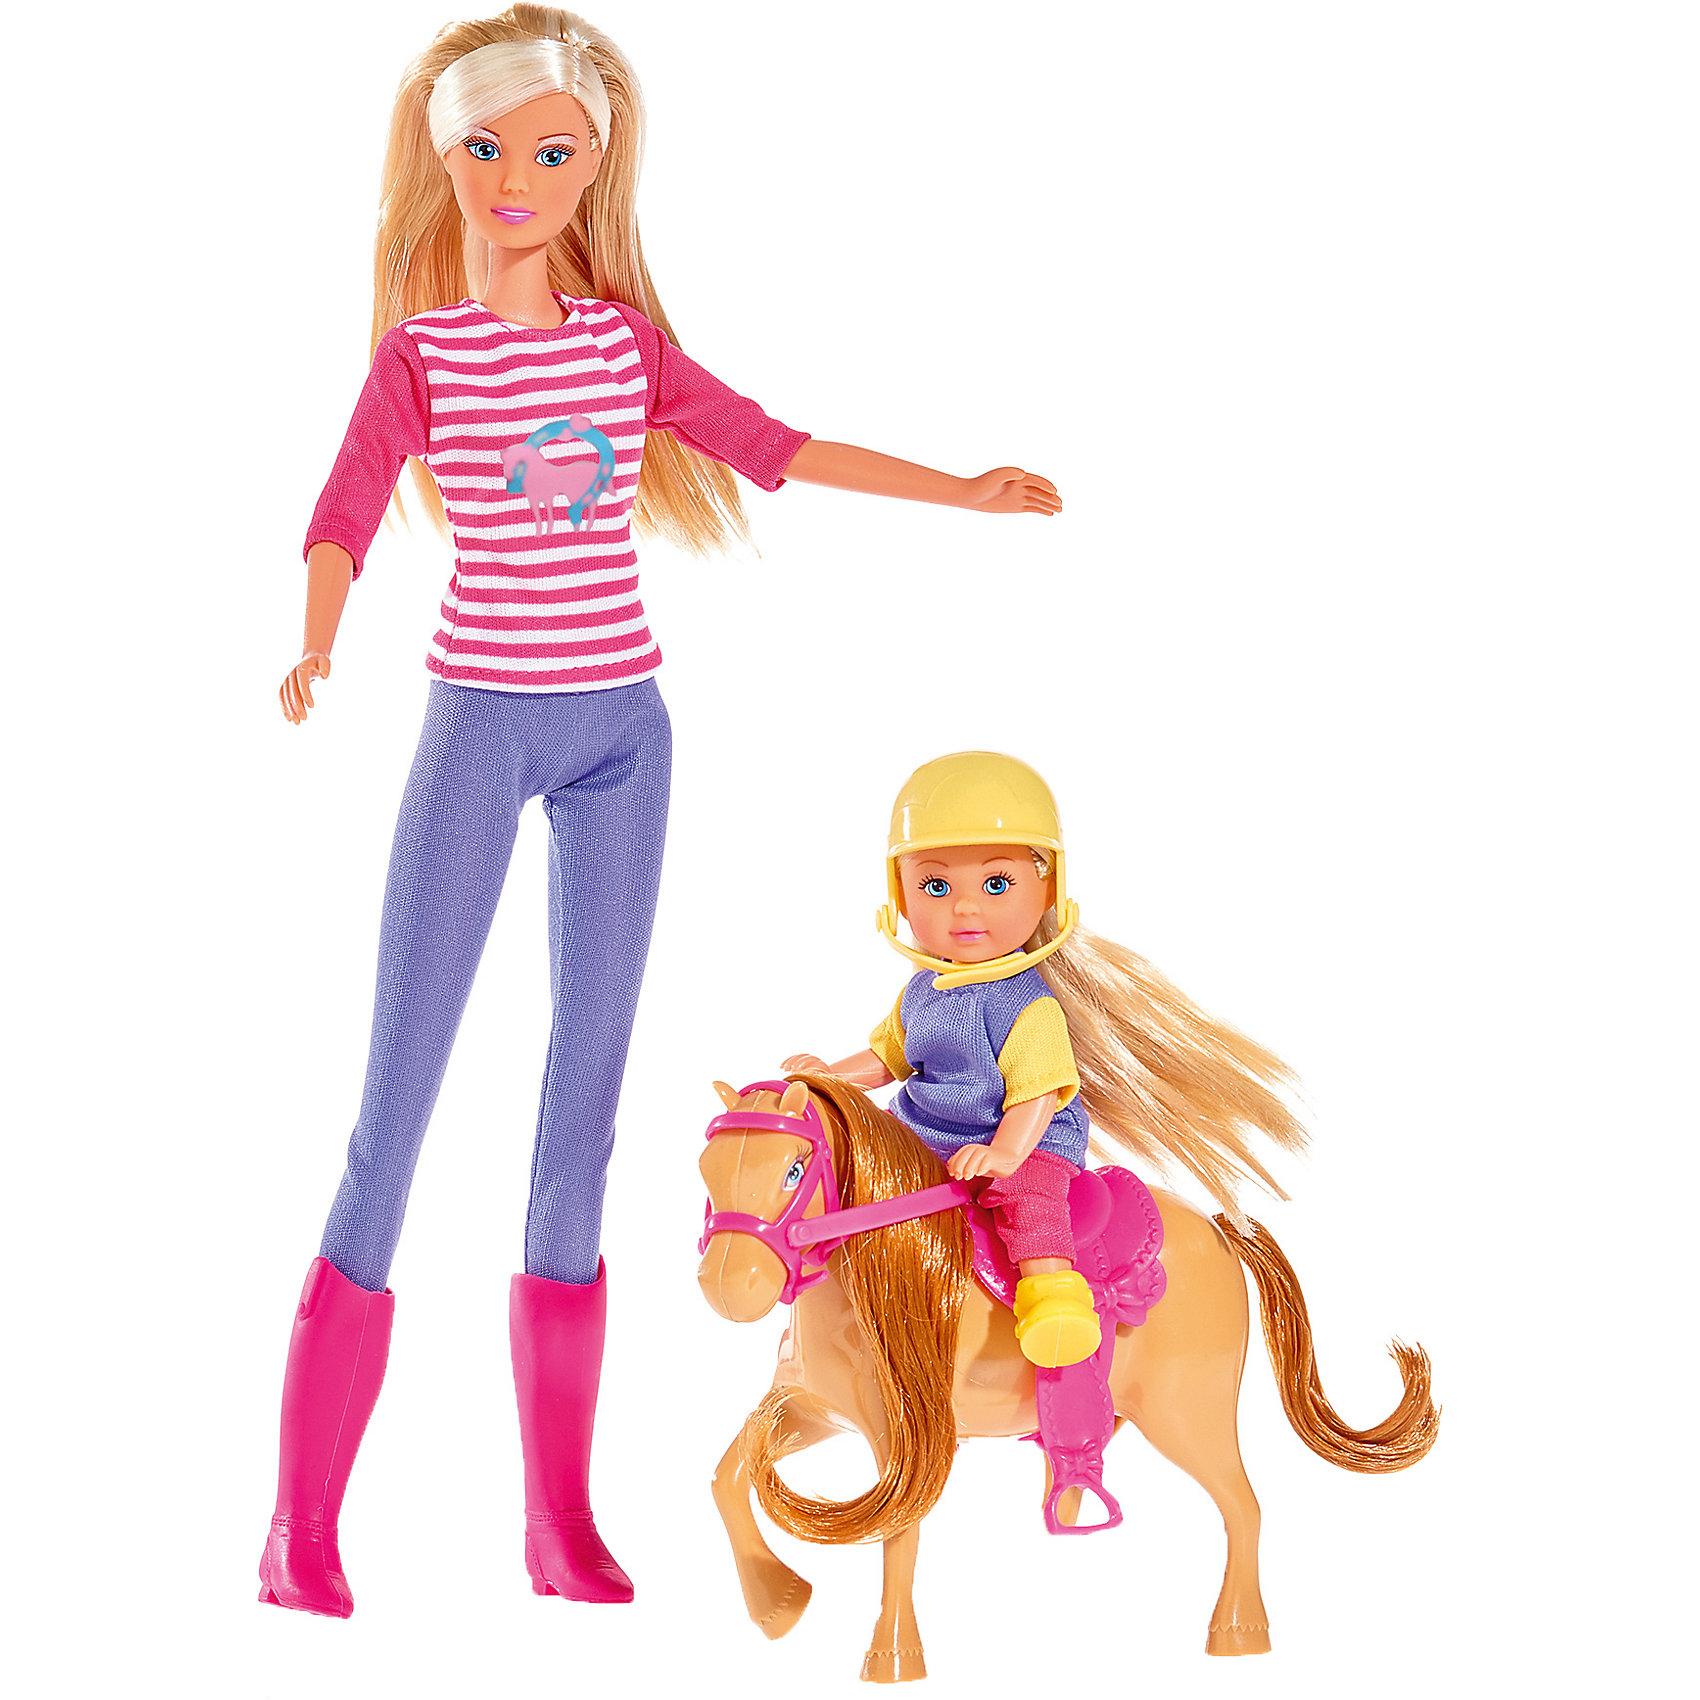 Кукла Штеффи и Еви с пони на ферме, 29 см, SimbaSteffi и Evi Love<br>Характеристики товара:<br><br>- цвет: разноцветный;<br>- материал: пластик, текстиль;<br>- возраст: от трех лет;<br>- комплектация: 2 куклы, одежда, аксесуары;<br>- высота кукок: 29 и 12 см.<br><br>Эта симпатичная кукла Штеффи в компании Еви от известного бренда приводит детей в восторг! Какая девочка сможет отказаться поиграть с куклами, которые дополнены такими симпатичными нарядами и лошадкой?! В набор входят аксессуары для игр с куклами. Игрушка очень качественно выполнена, поэтому она станет замечательным подарком ребенку. <br>Продается набор в красивой удобной упаковке. Игры с куклами помогают девочкам развить важные навыки и отработать модели социального взаимодействия. Изделие произведено из высококачественного материала, безопасного для детей.<br><br>Куклу Штеффи и Еви с пони на ферме, 29 см, от бренда Simba можно купить в нашем интернет-магазине.<br><br>Ширина мм: 60<br>Глубина мм: 325<br>Высота мм: 180<br>Вес г: 360<br>Возраст от месяцев: 36<br>Возраст до месяцев: 120<br>Пол: Женский<br>Возраст: Детский<br>SKU: 5119530